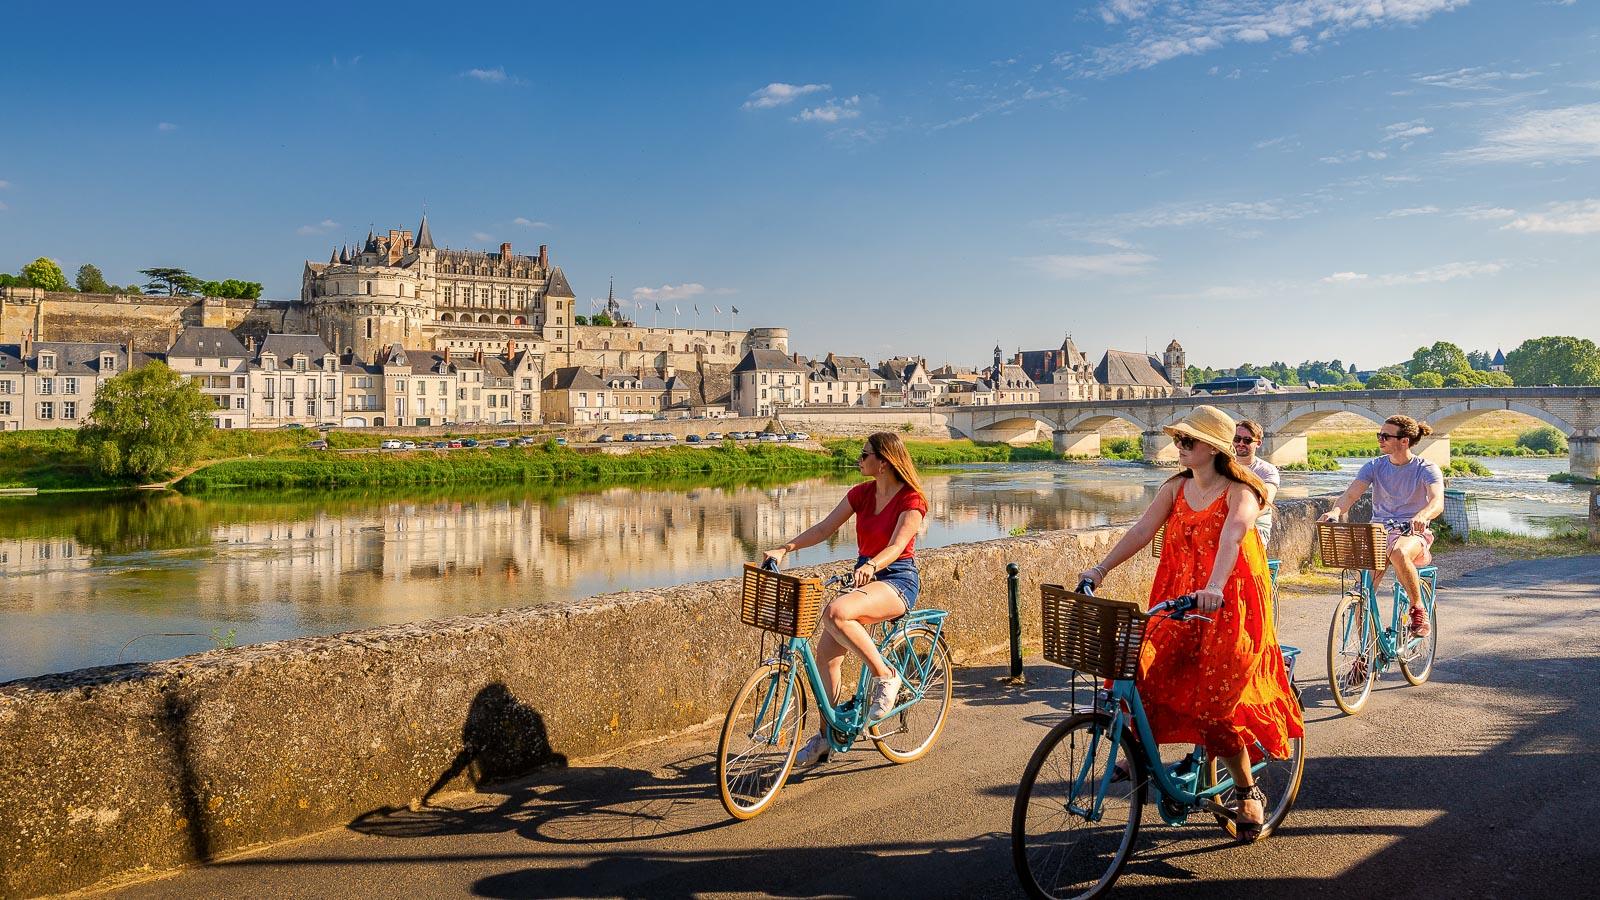 Balade à vélo devant le château royal d'Amboise